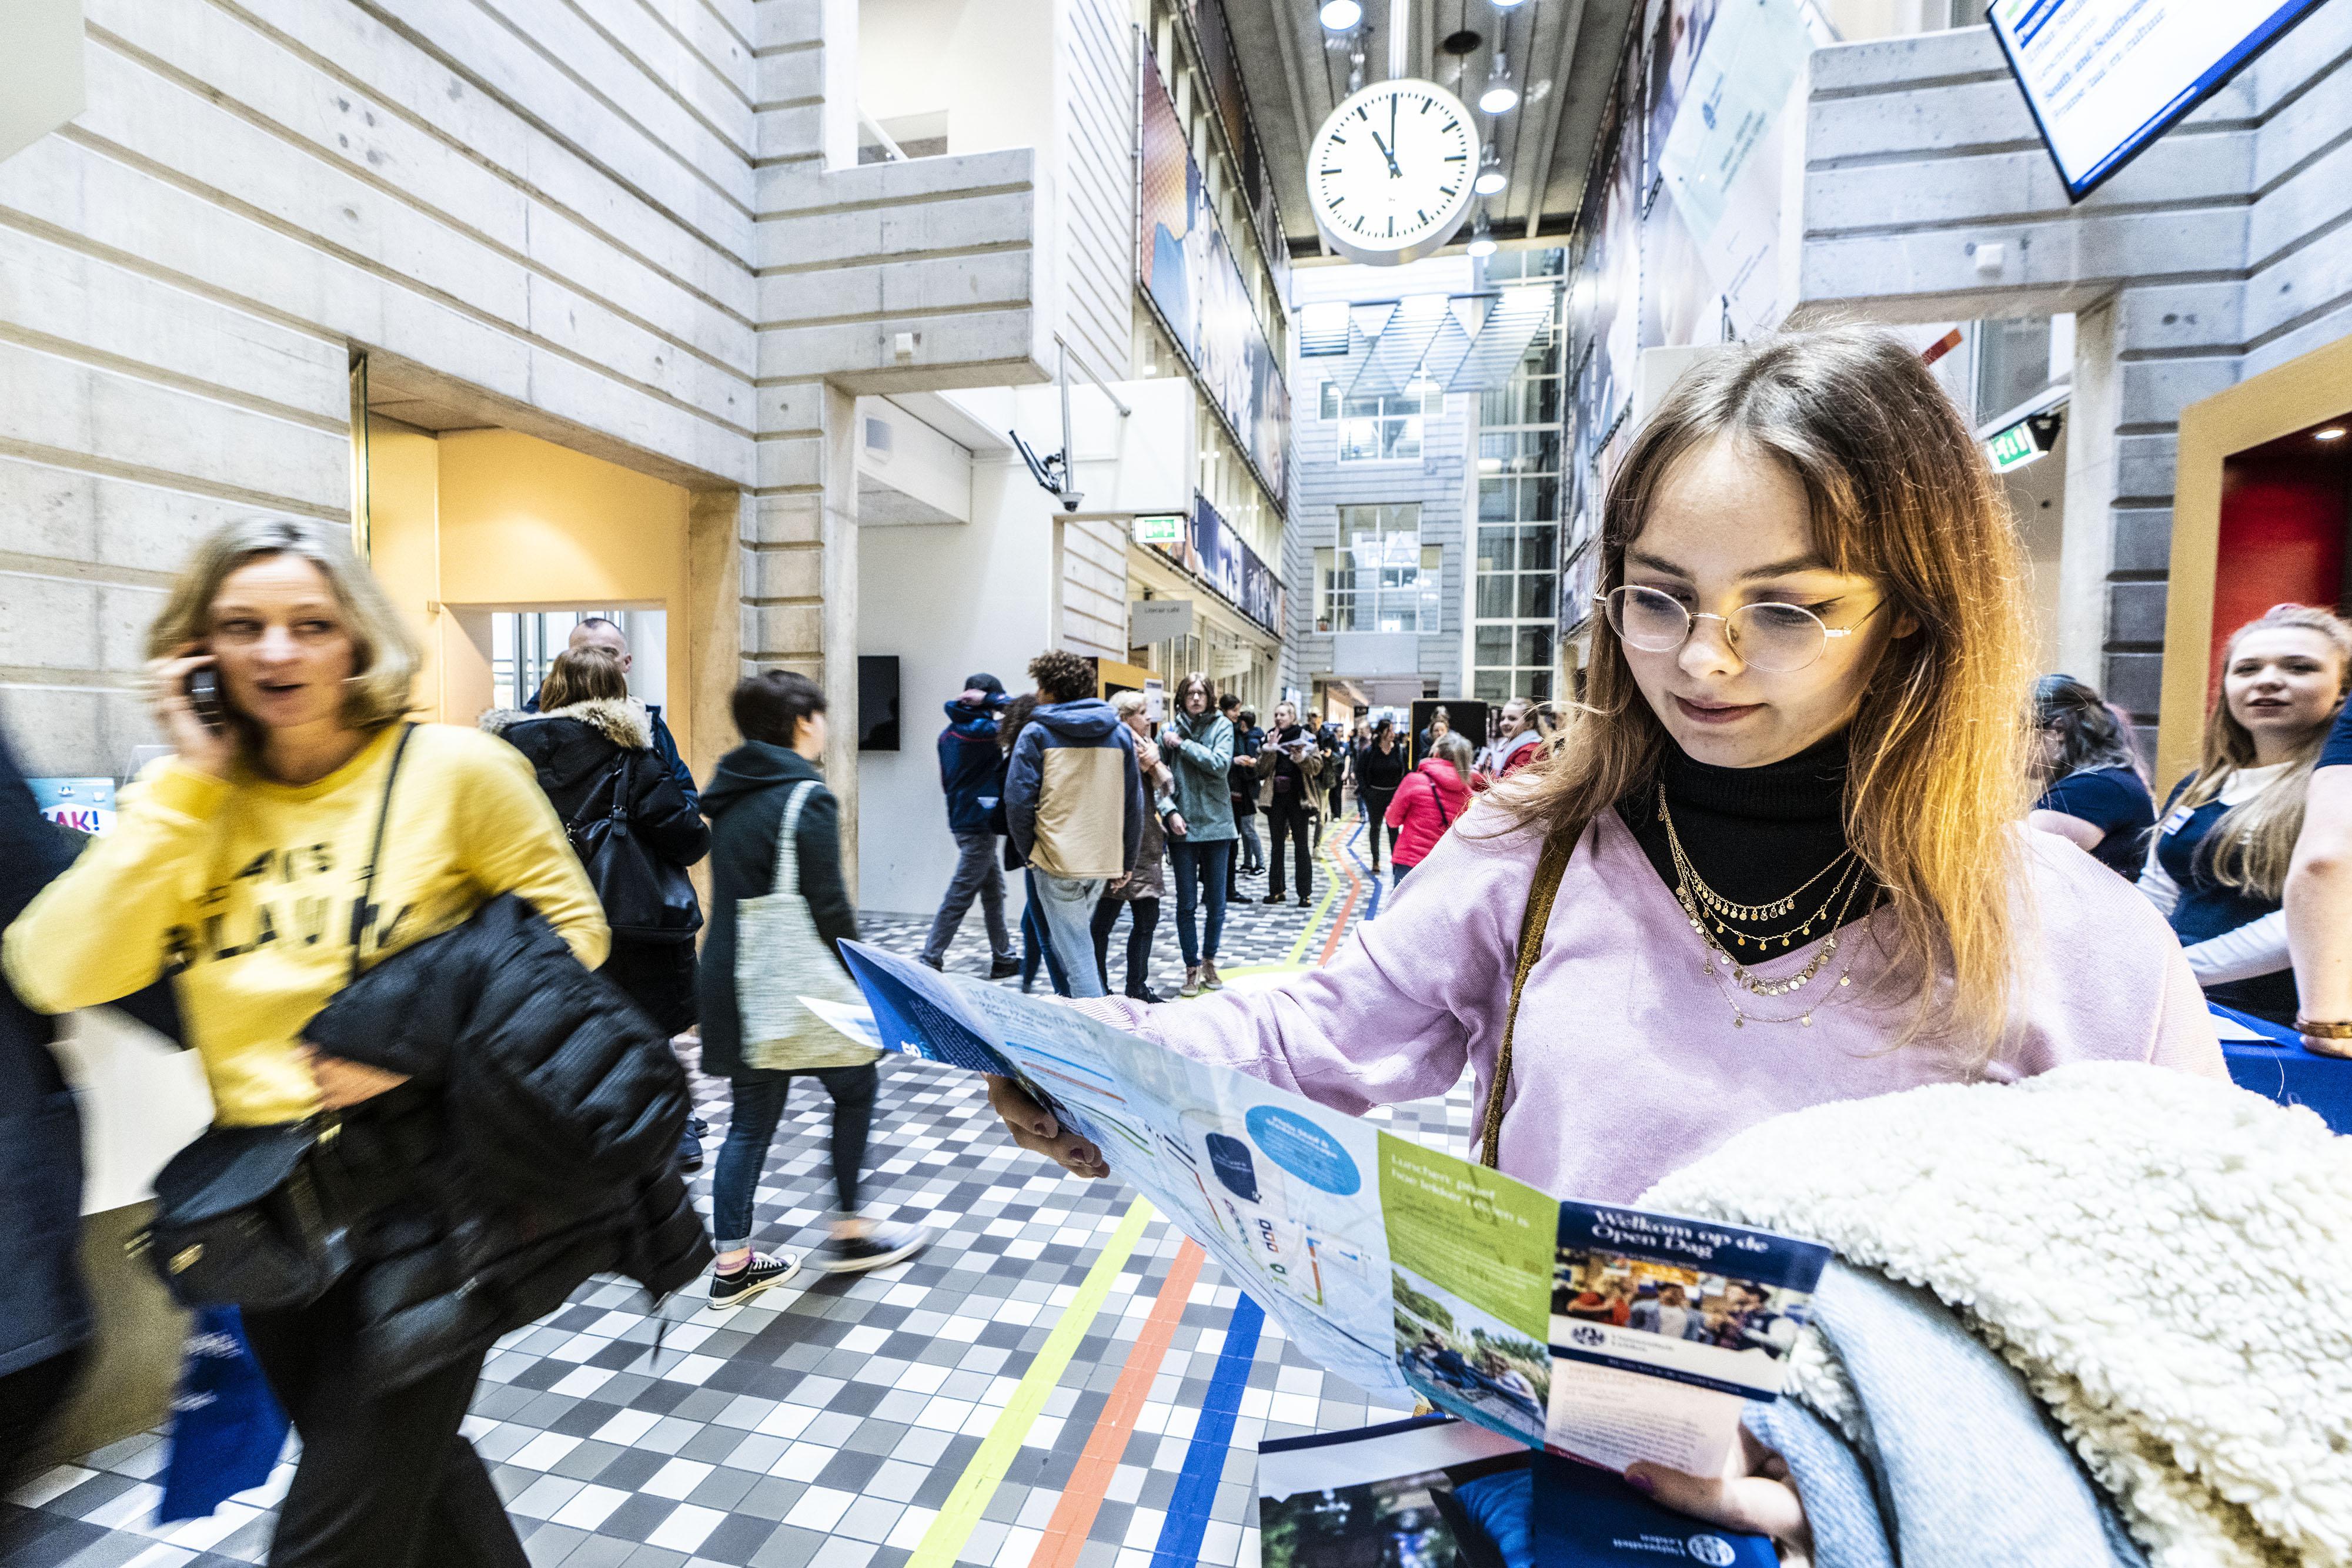 Open dag Leidse universiteit: onwennige scholieren ontmoeten zelfverzekerde studenten